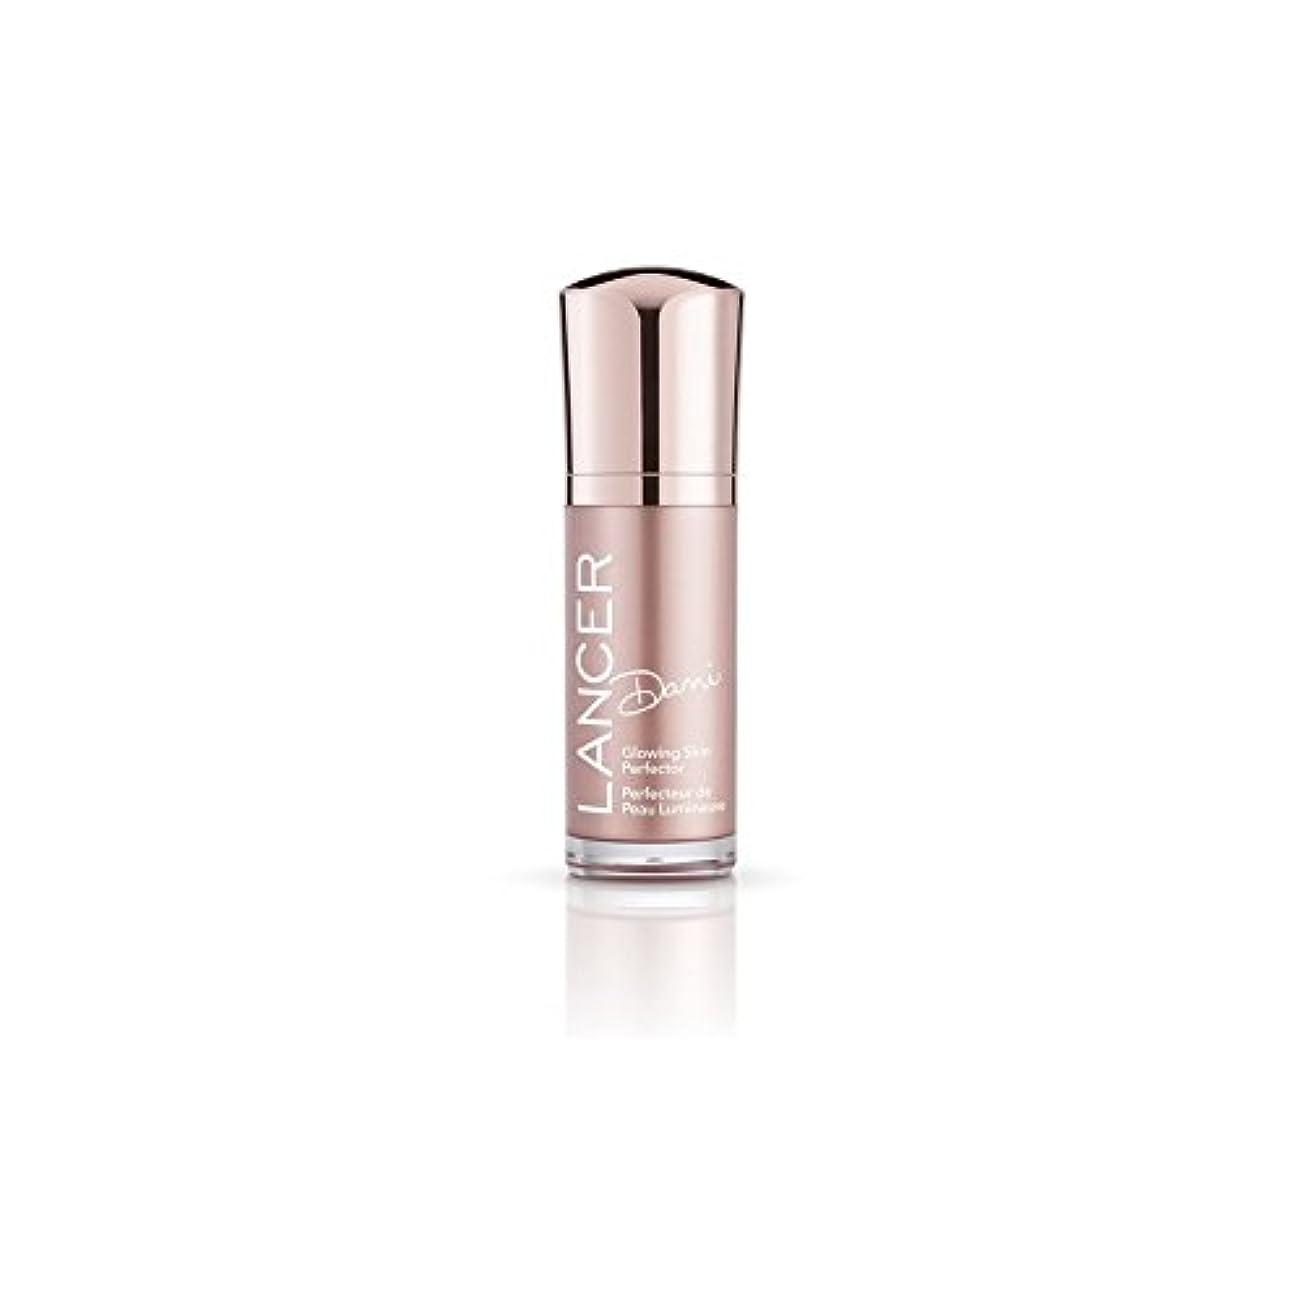 強打列挙する経過スキンパーフェク輝くランサースキンケアダニ(30ミリリットル) x2 - Lancer Skincare Dani Glowing Skin Perfector (30ml) (Pack of 2) [並行輸入品]